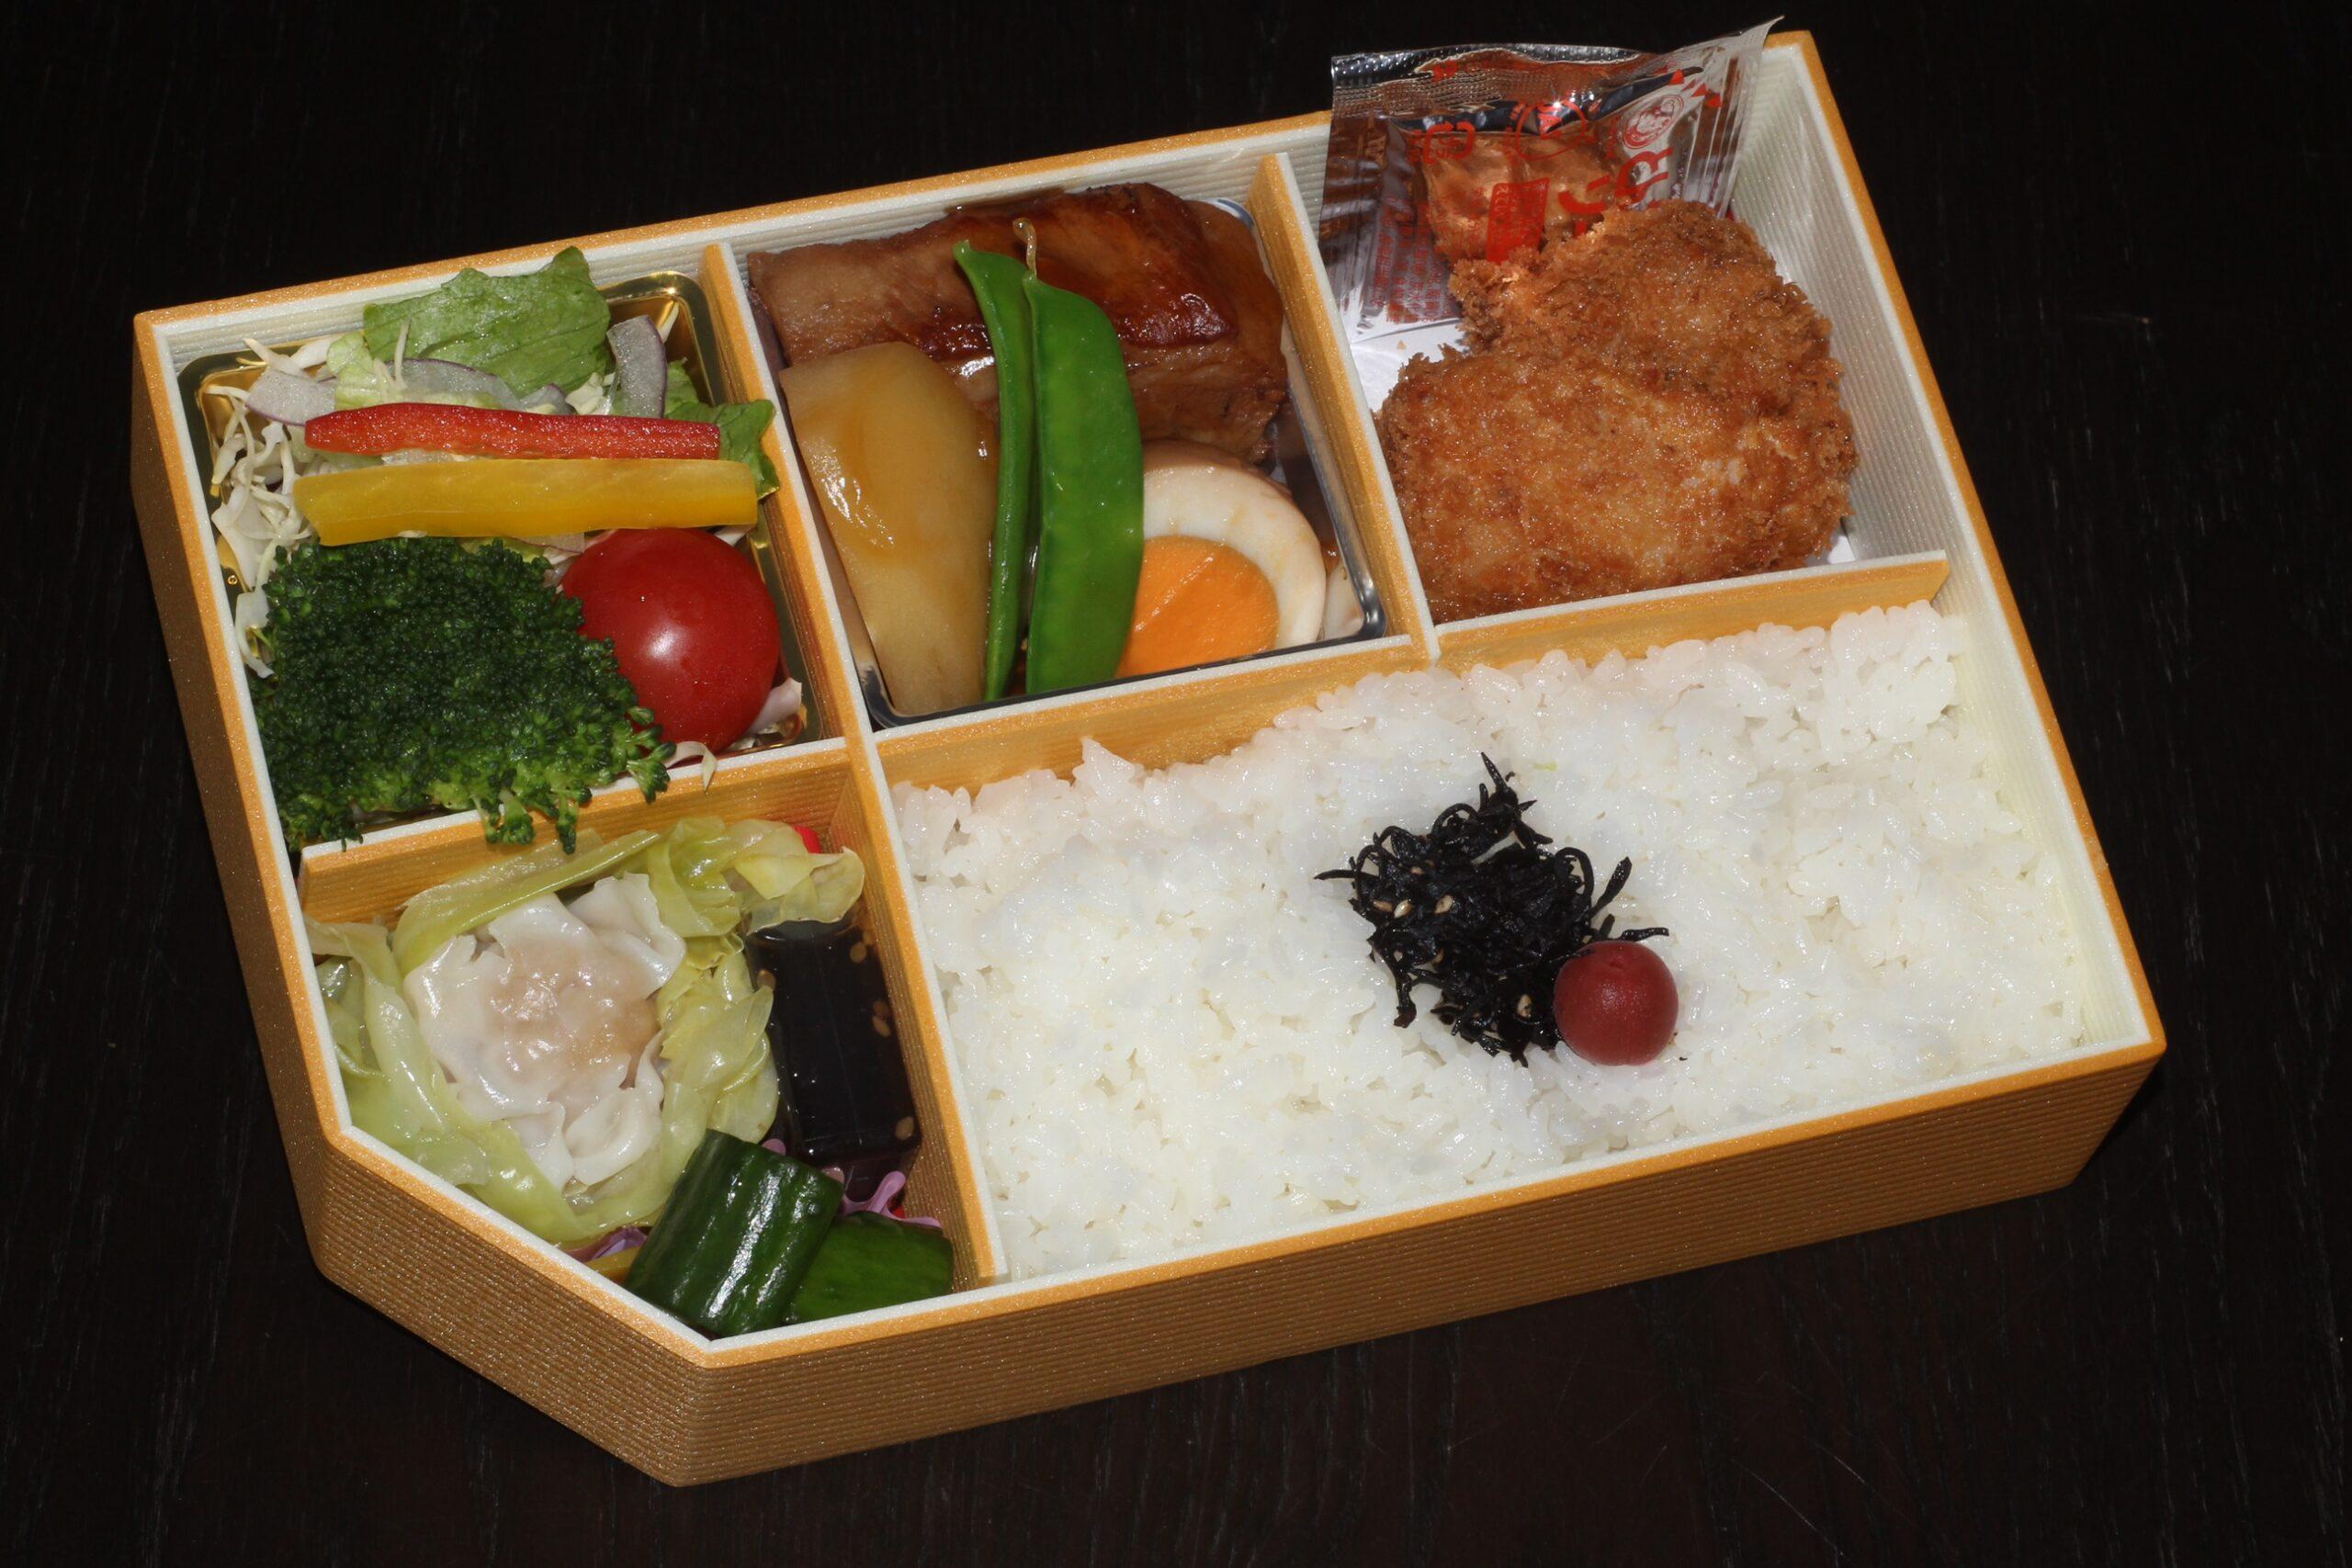 【角煮弁当】1,620円<p>豚角煮・ヒレカツ・黒豚焼売を詰めたお肉がメインの御弁当です。</p>